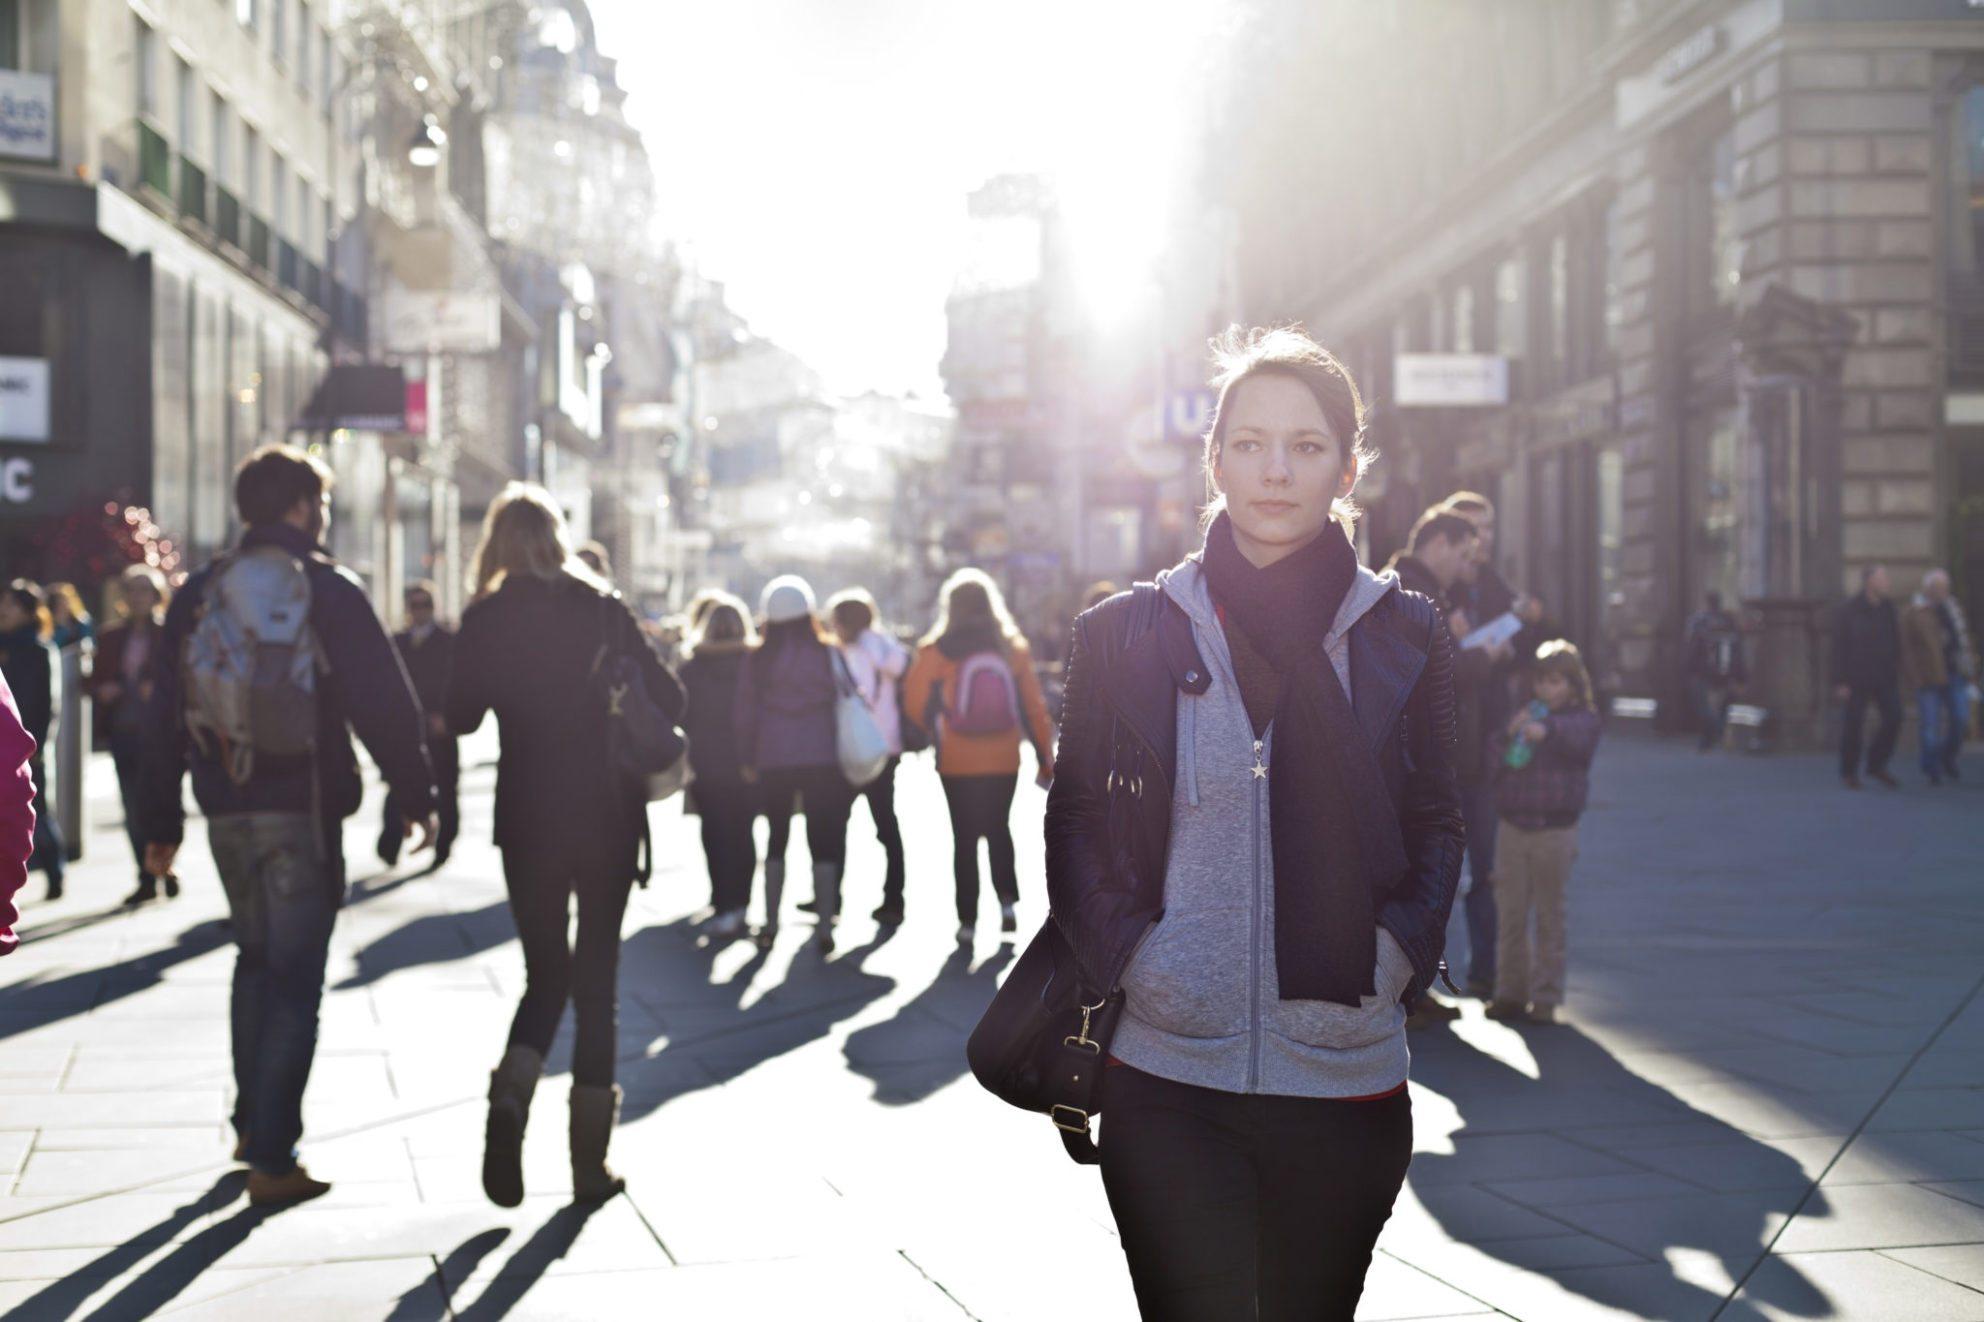 NeighborhoodScout exposes hyperlocal demographic trends